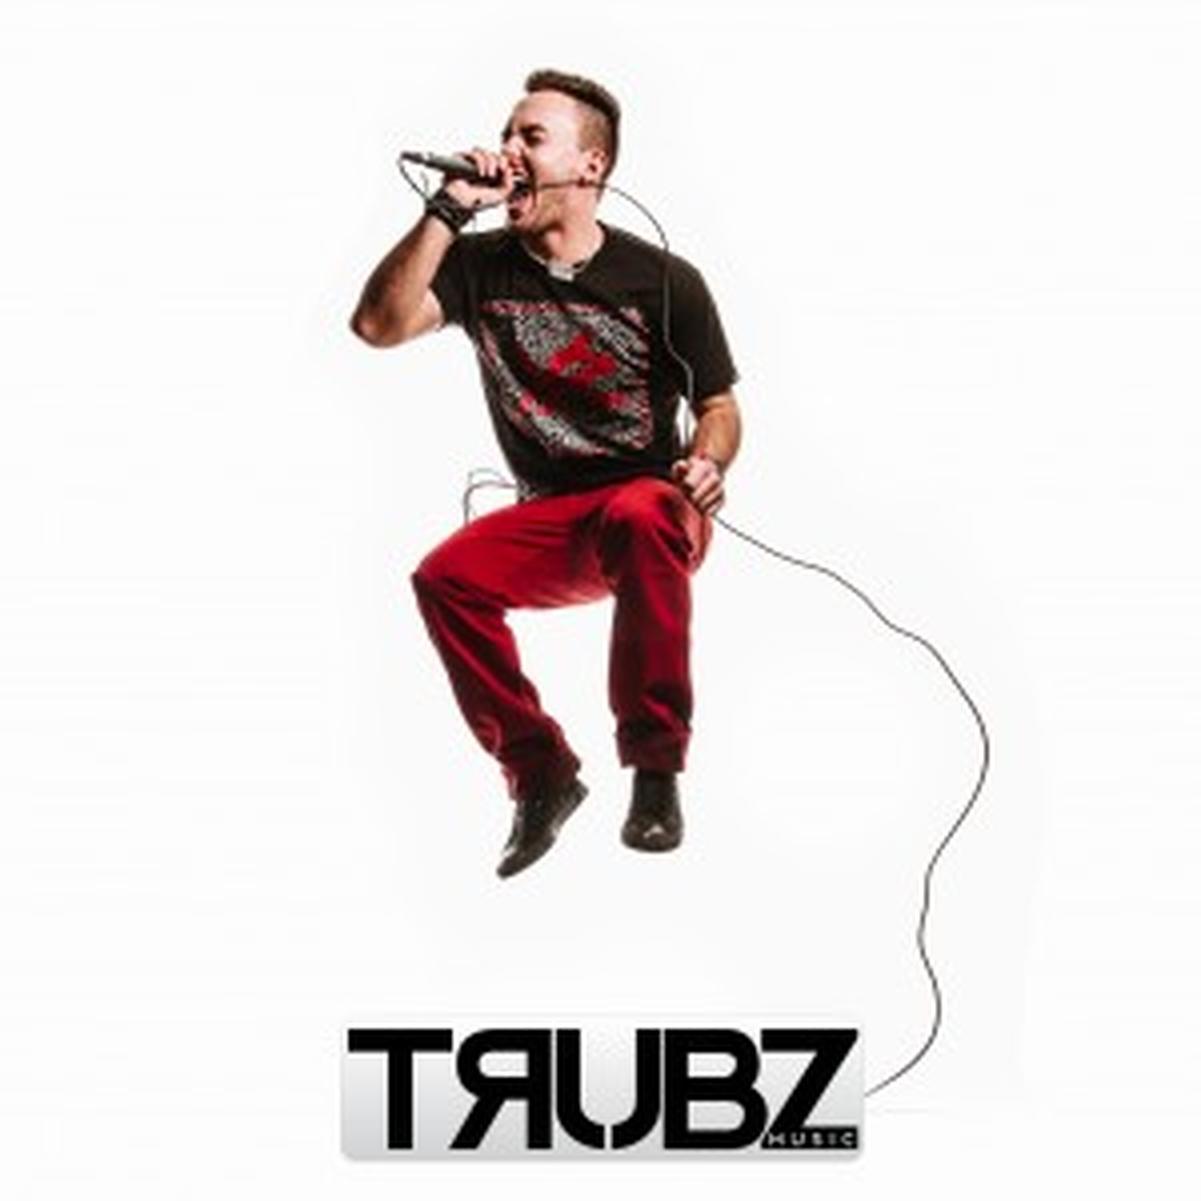 Trubz